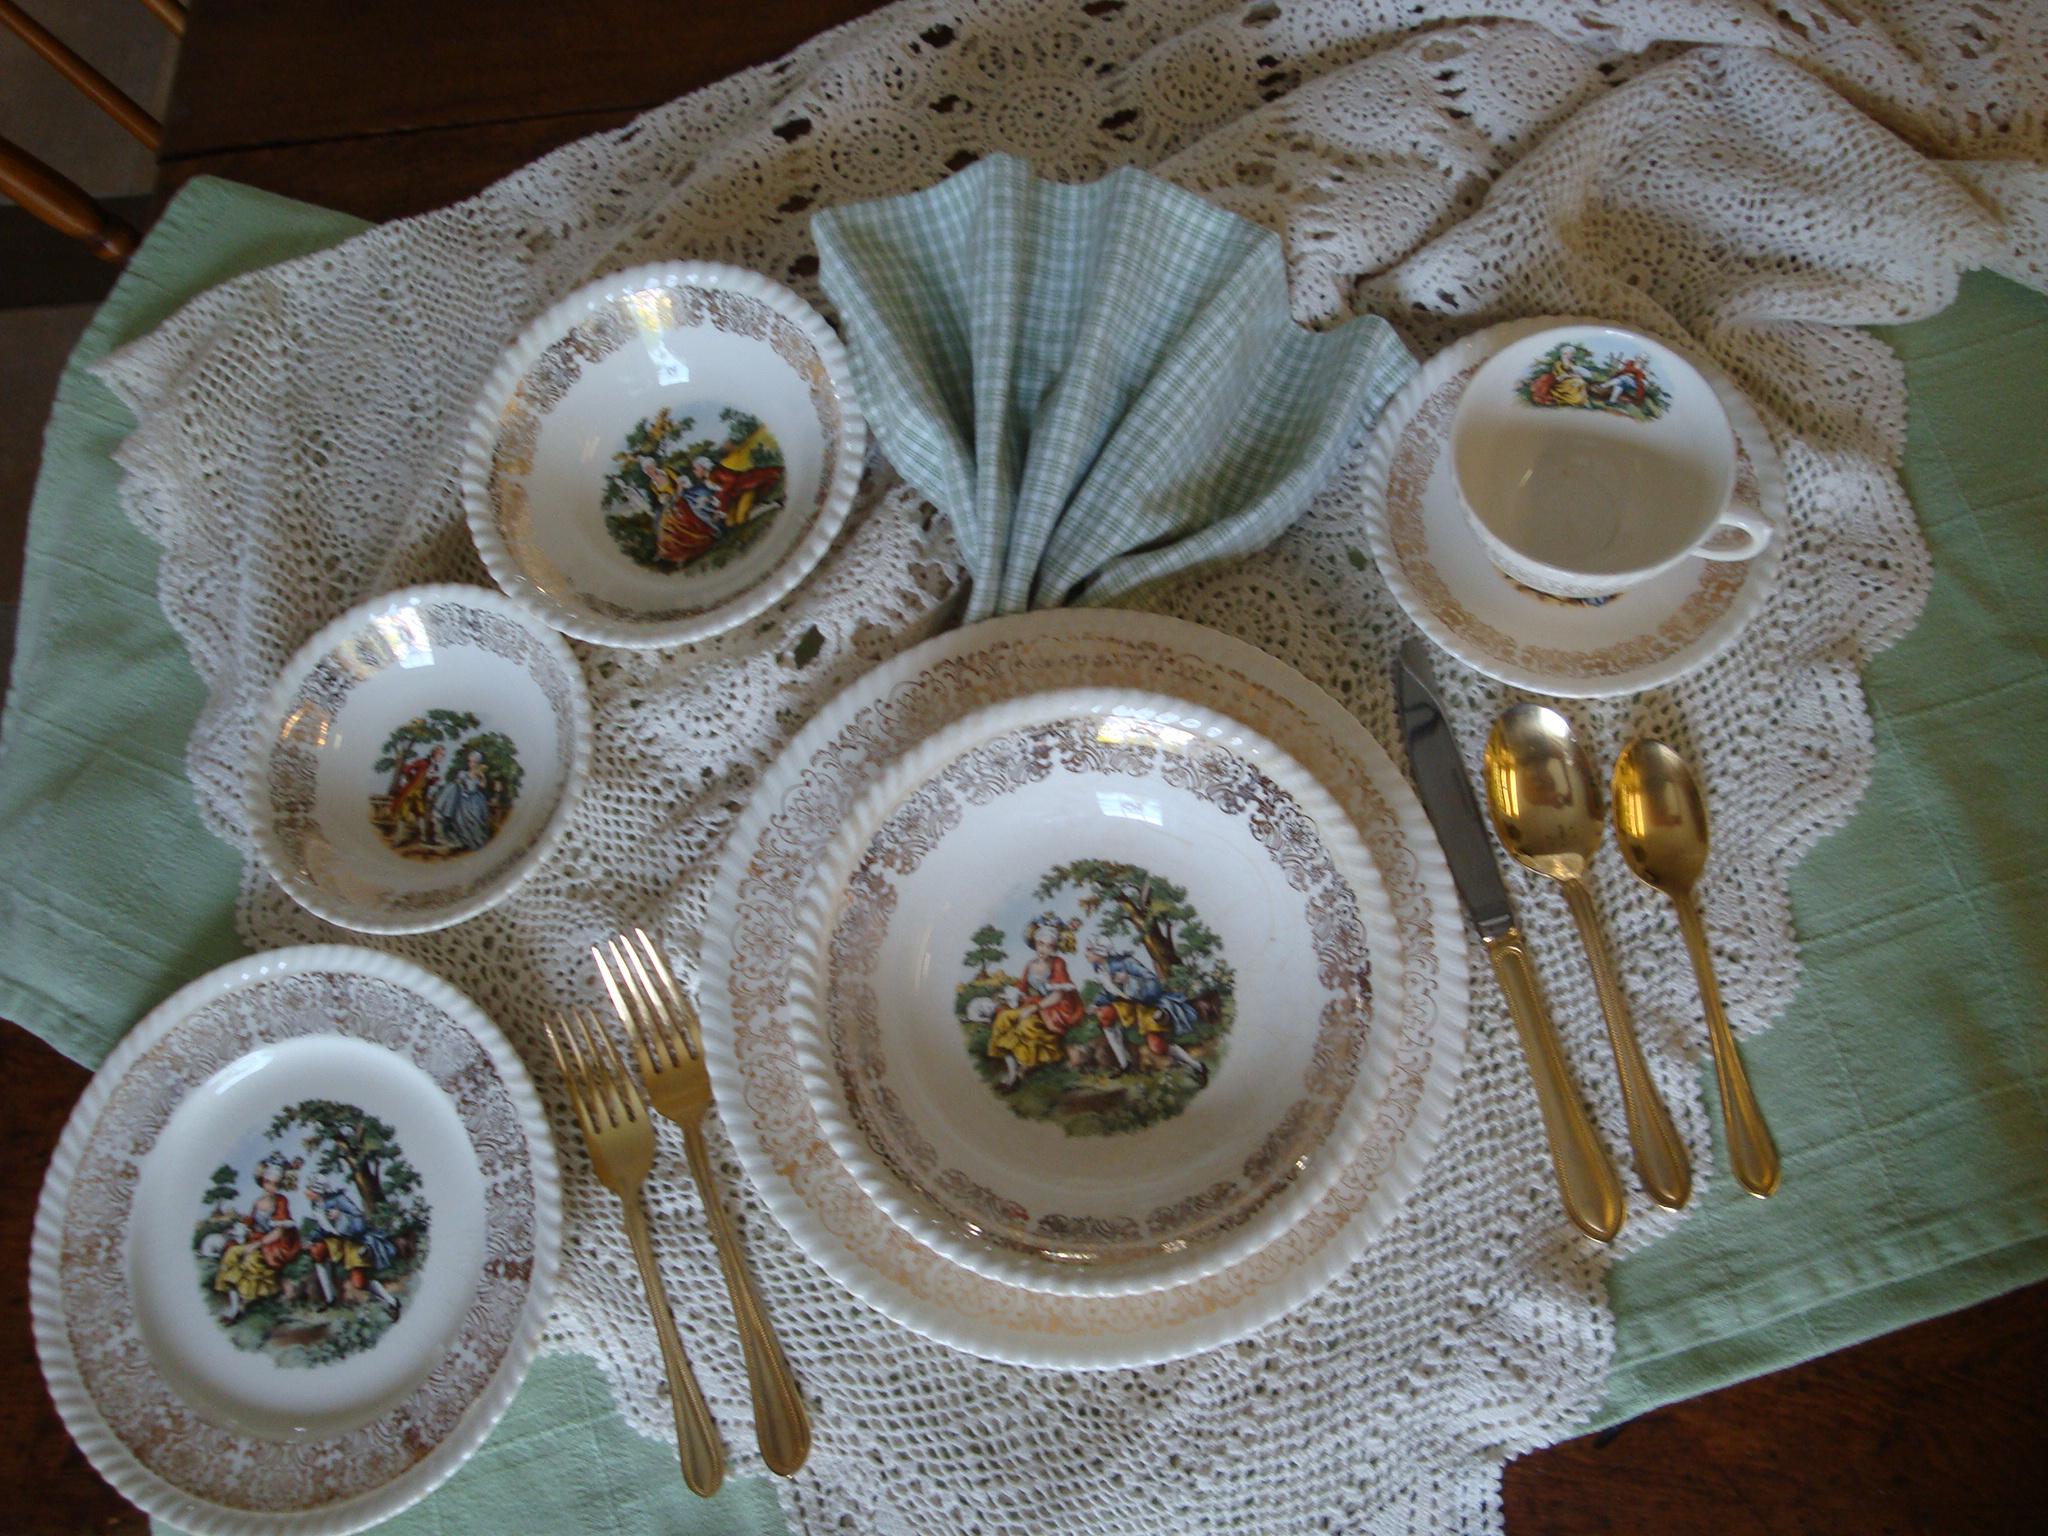 Photo service de table romeo et juliette - Vaisselle Maison 2e1721beec0